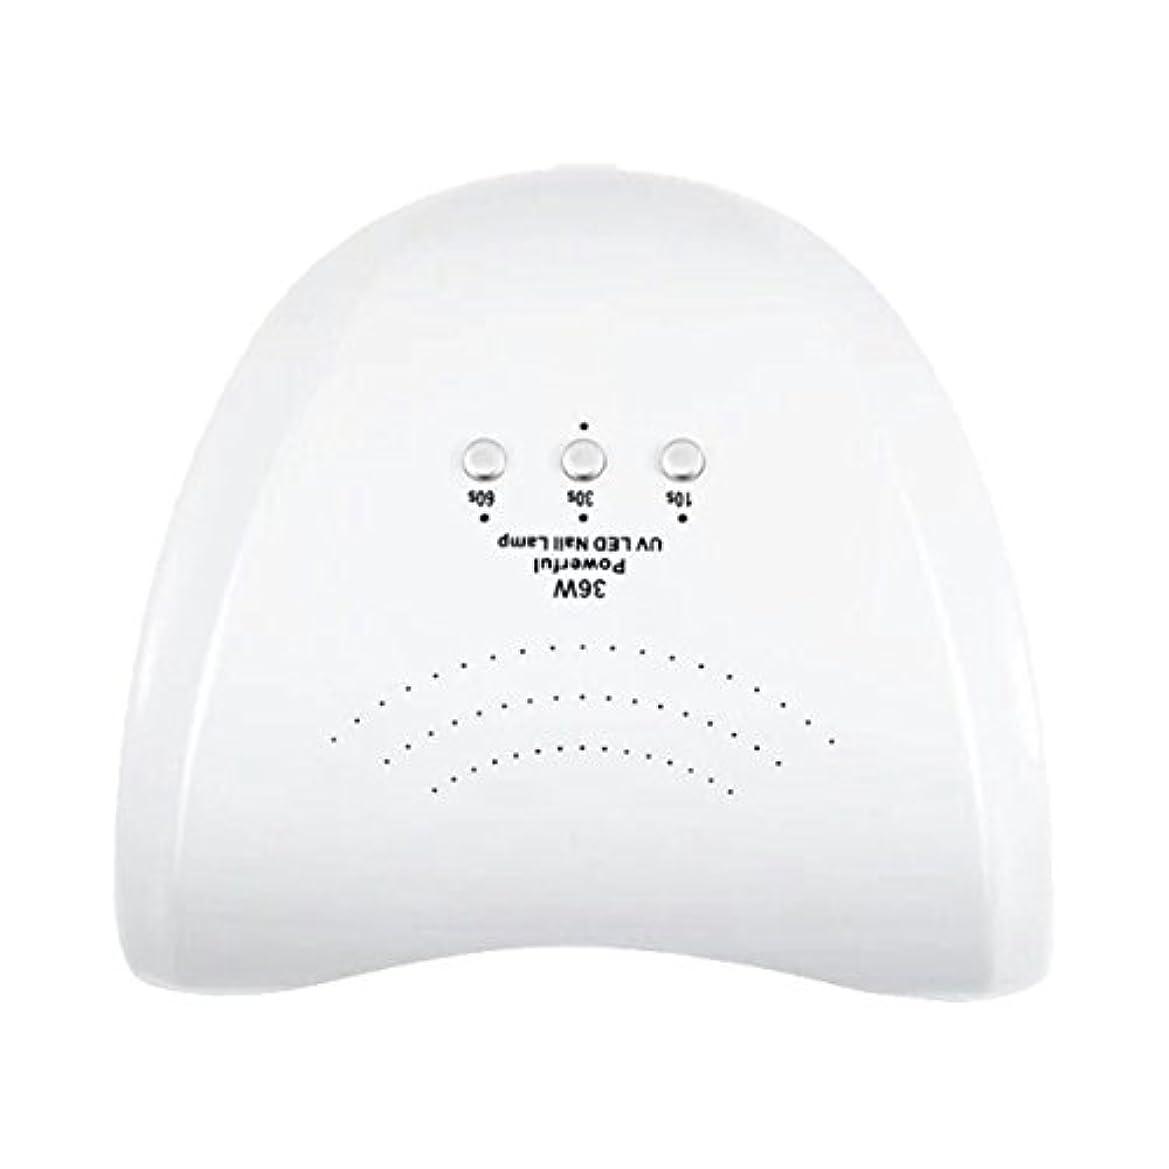 ポーチスタック以前はLa Curie 36W LED&UVネイルライト CCFL不使用 自動センサー ジェルネイル レジン 6ヶ月保証&日本語説明書&プロネイリスト監修ネイルレシピ付き 全9色 (ホワイト) LaCurie004